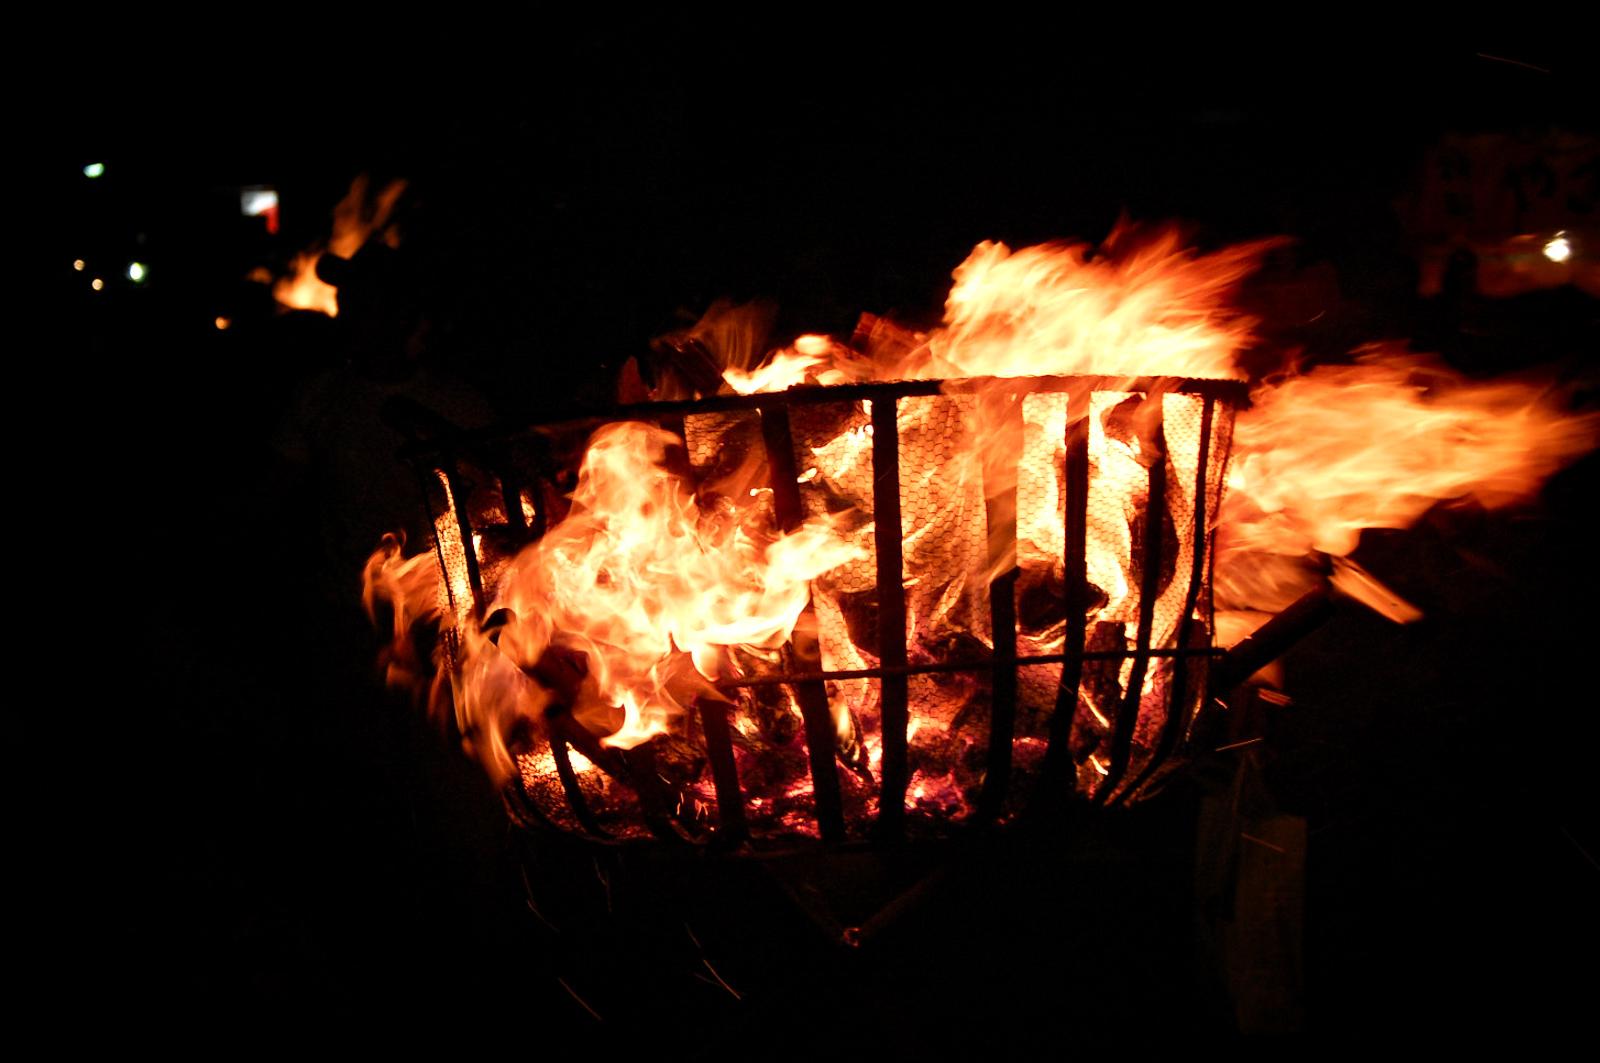 夜道を照らすかがり火の写真